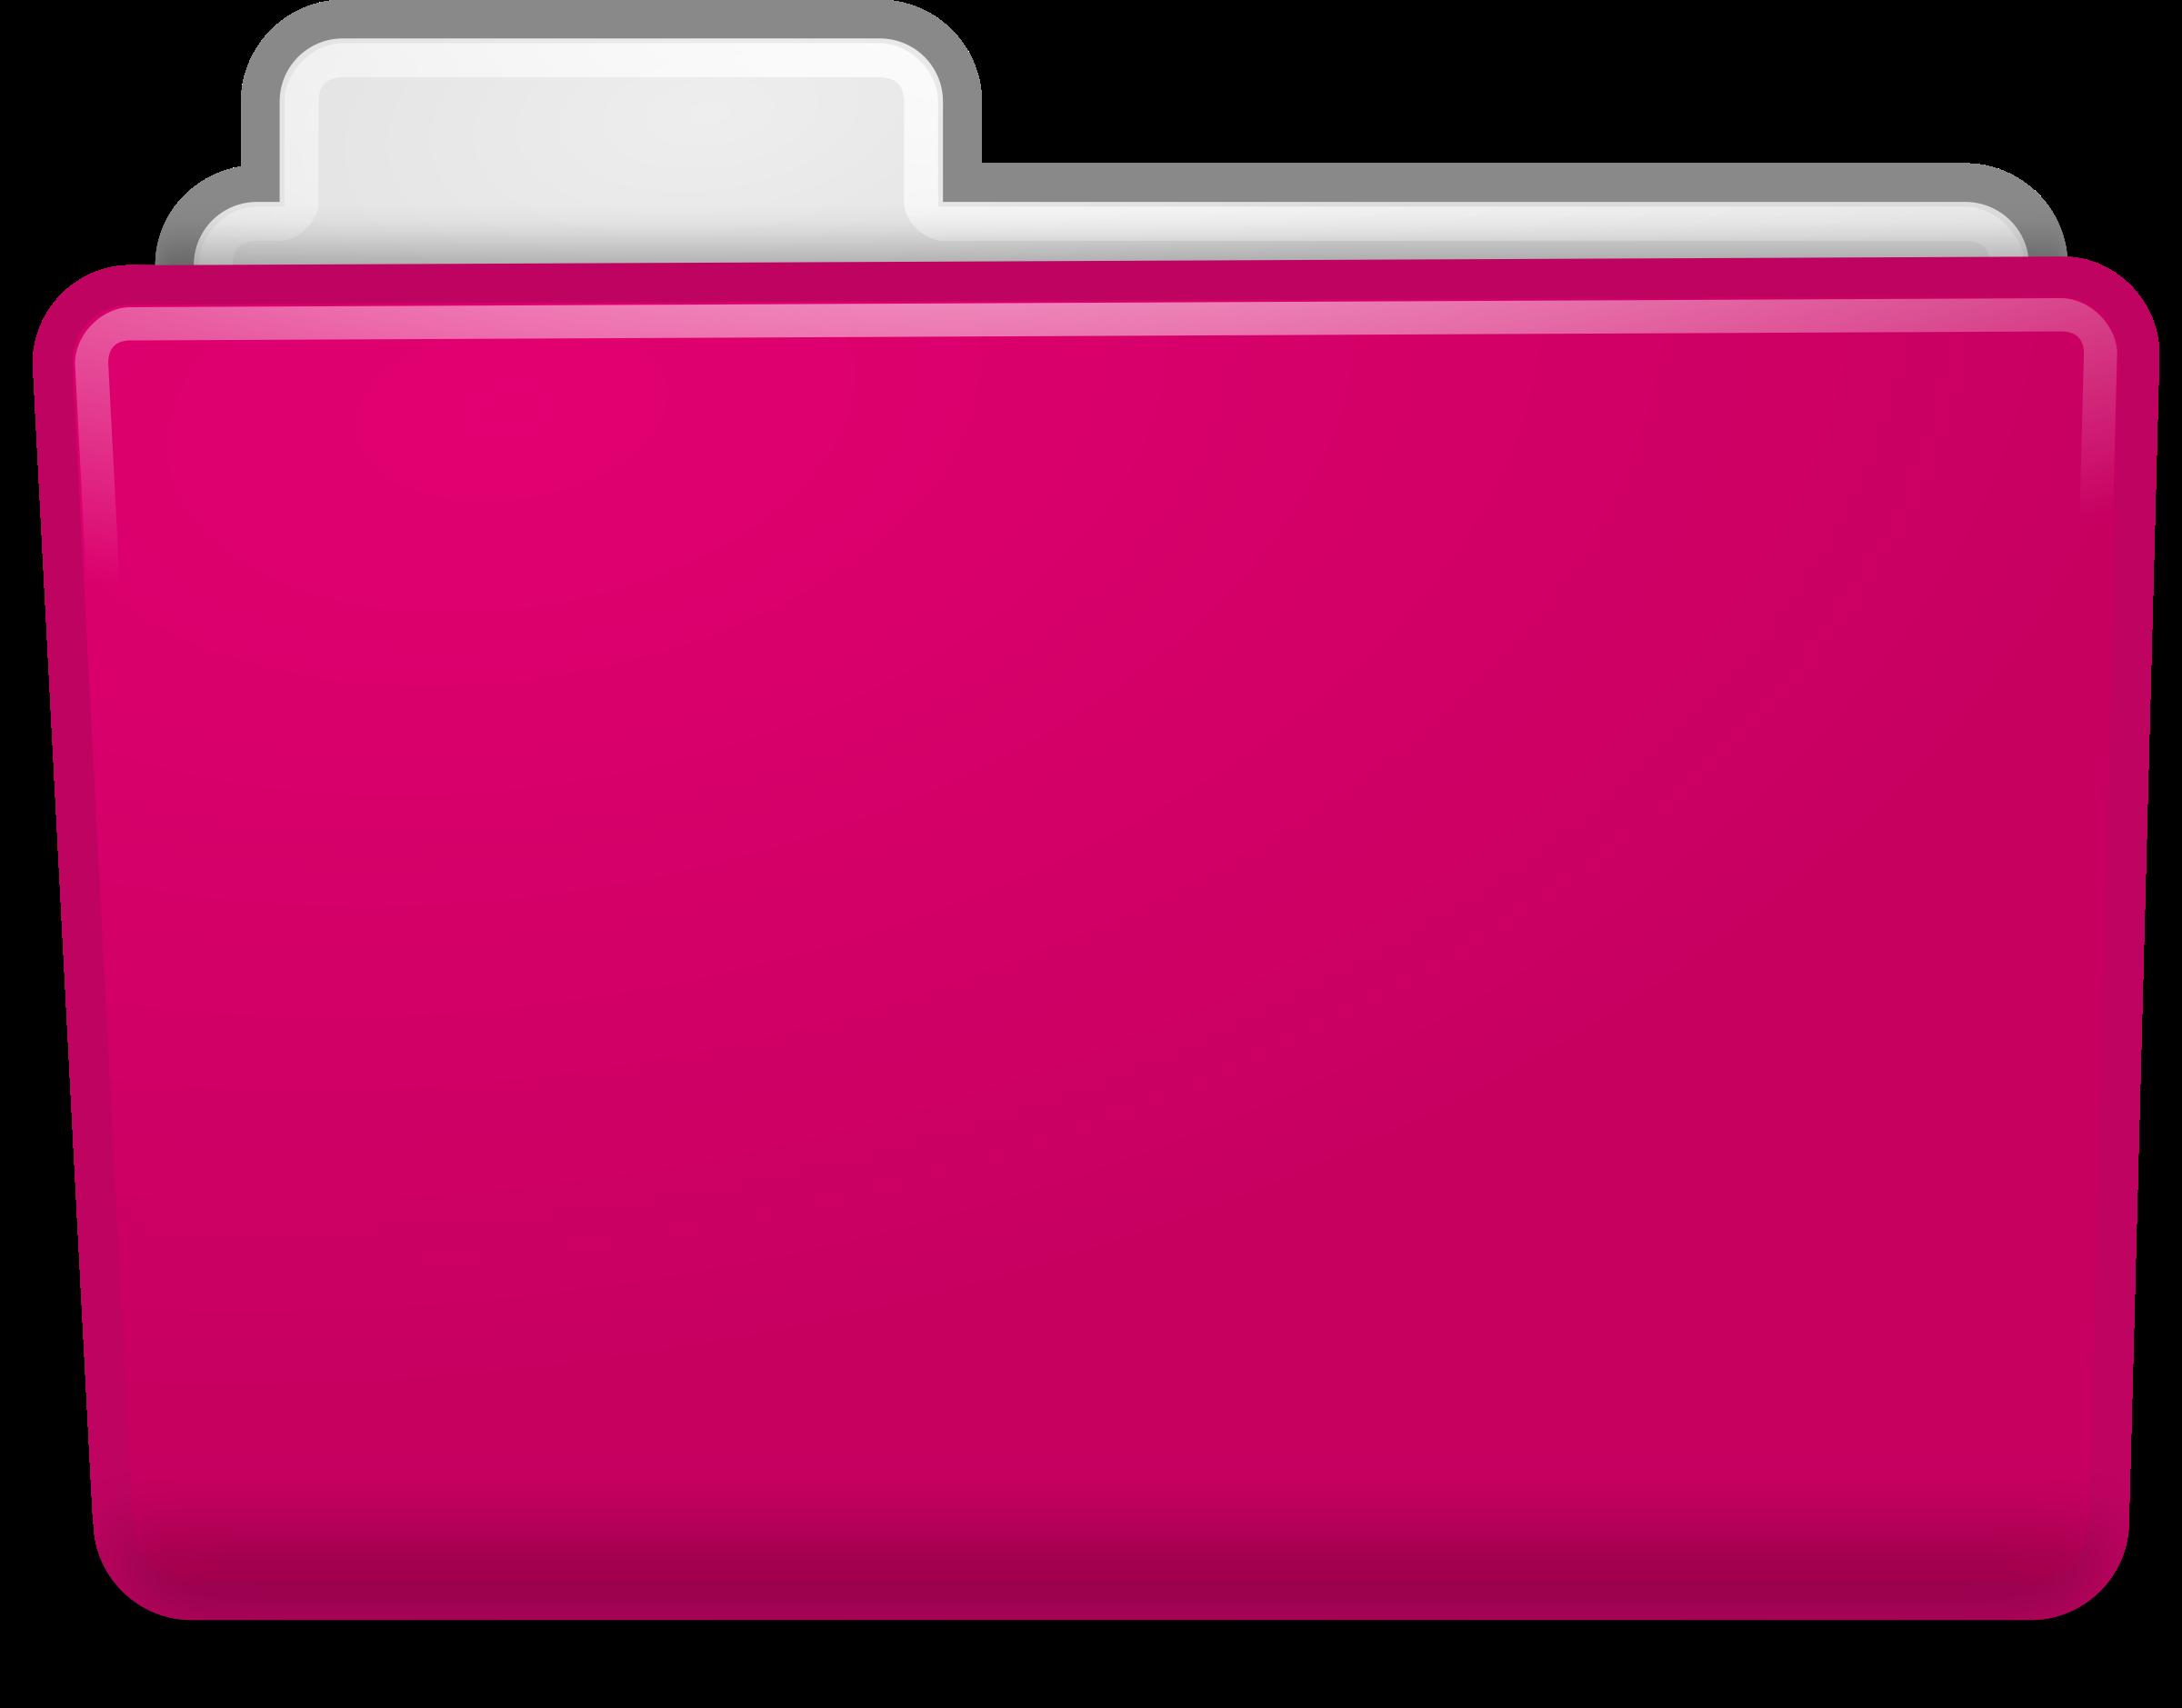 Pink Folder Clipart.